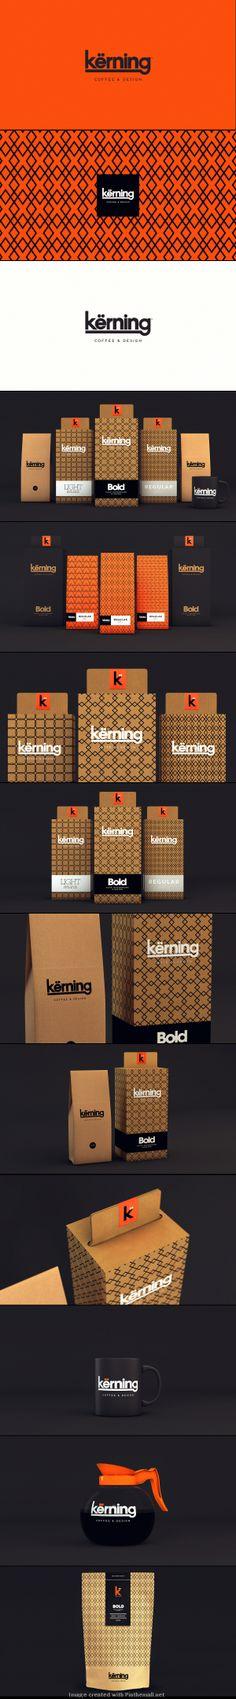 Branding for Kërning by Isabela Rodrigues - Sweety Branding Studio